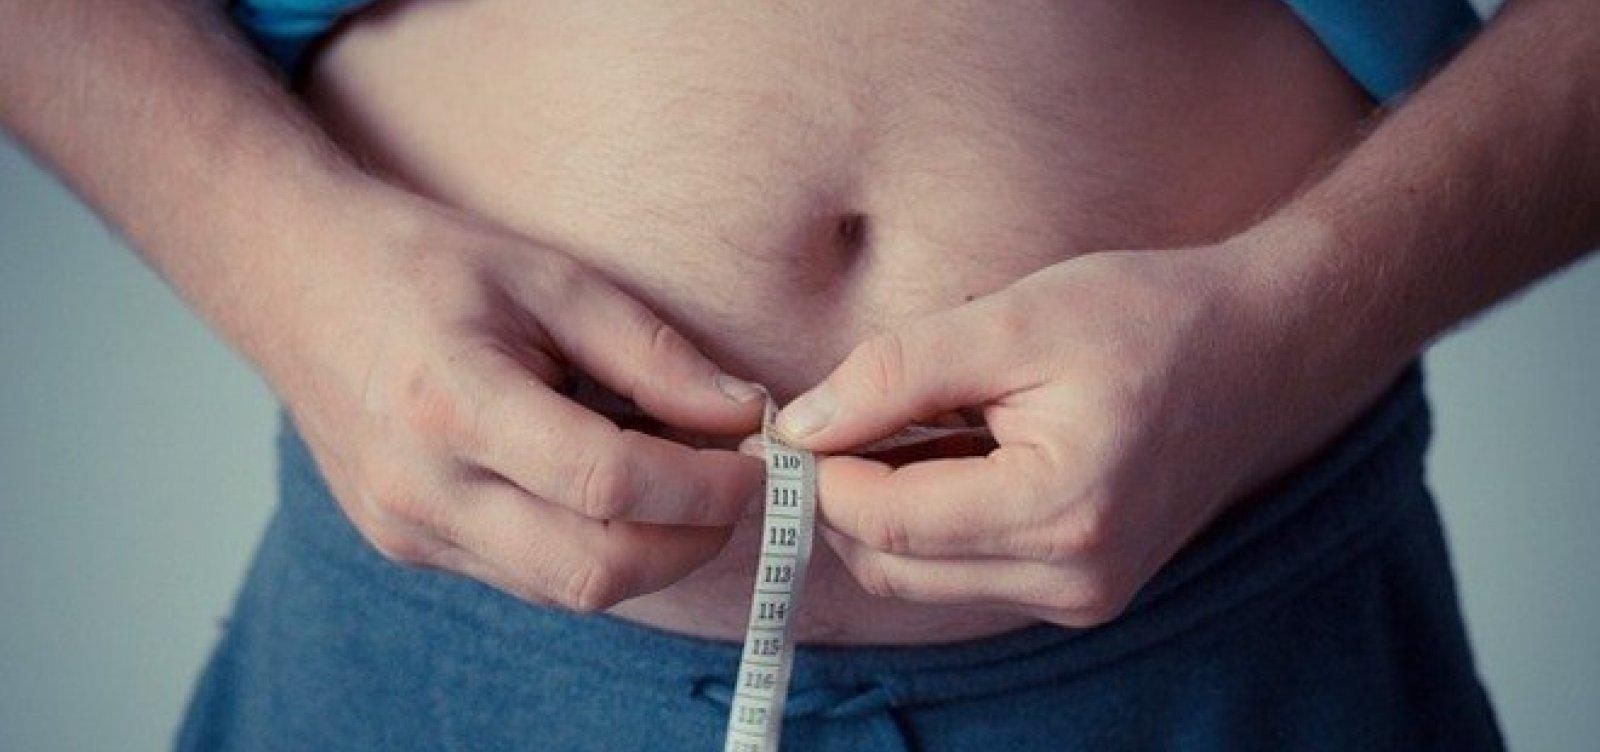 [População mundial obesa já supera população que passa fome, diz ONU]